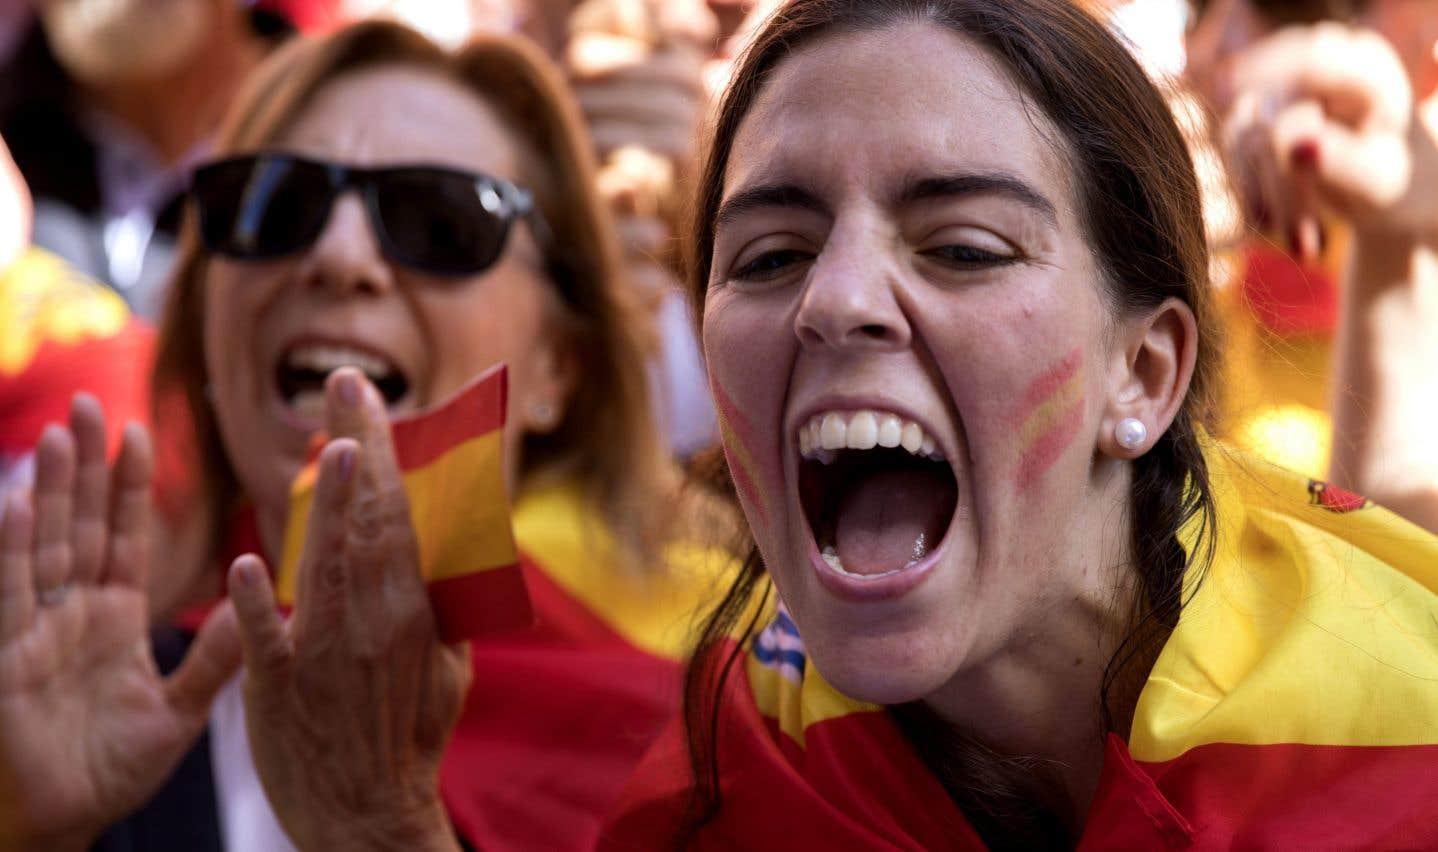 «Prou! Recuperem el seny!» («Assez! Retrouvons la raison!»), ont clamé dimanche les opposants à la sécession.